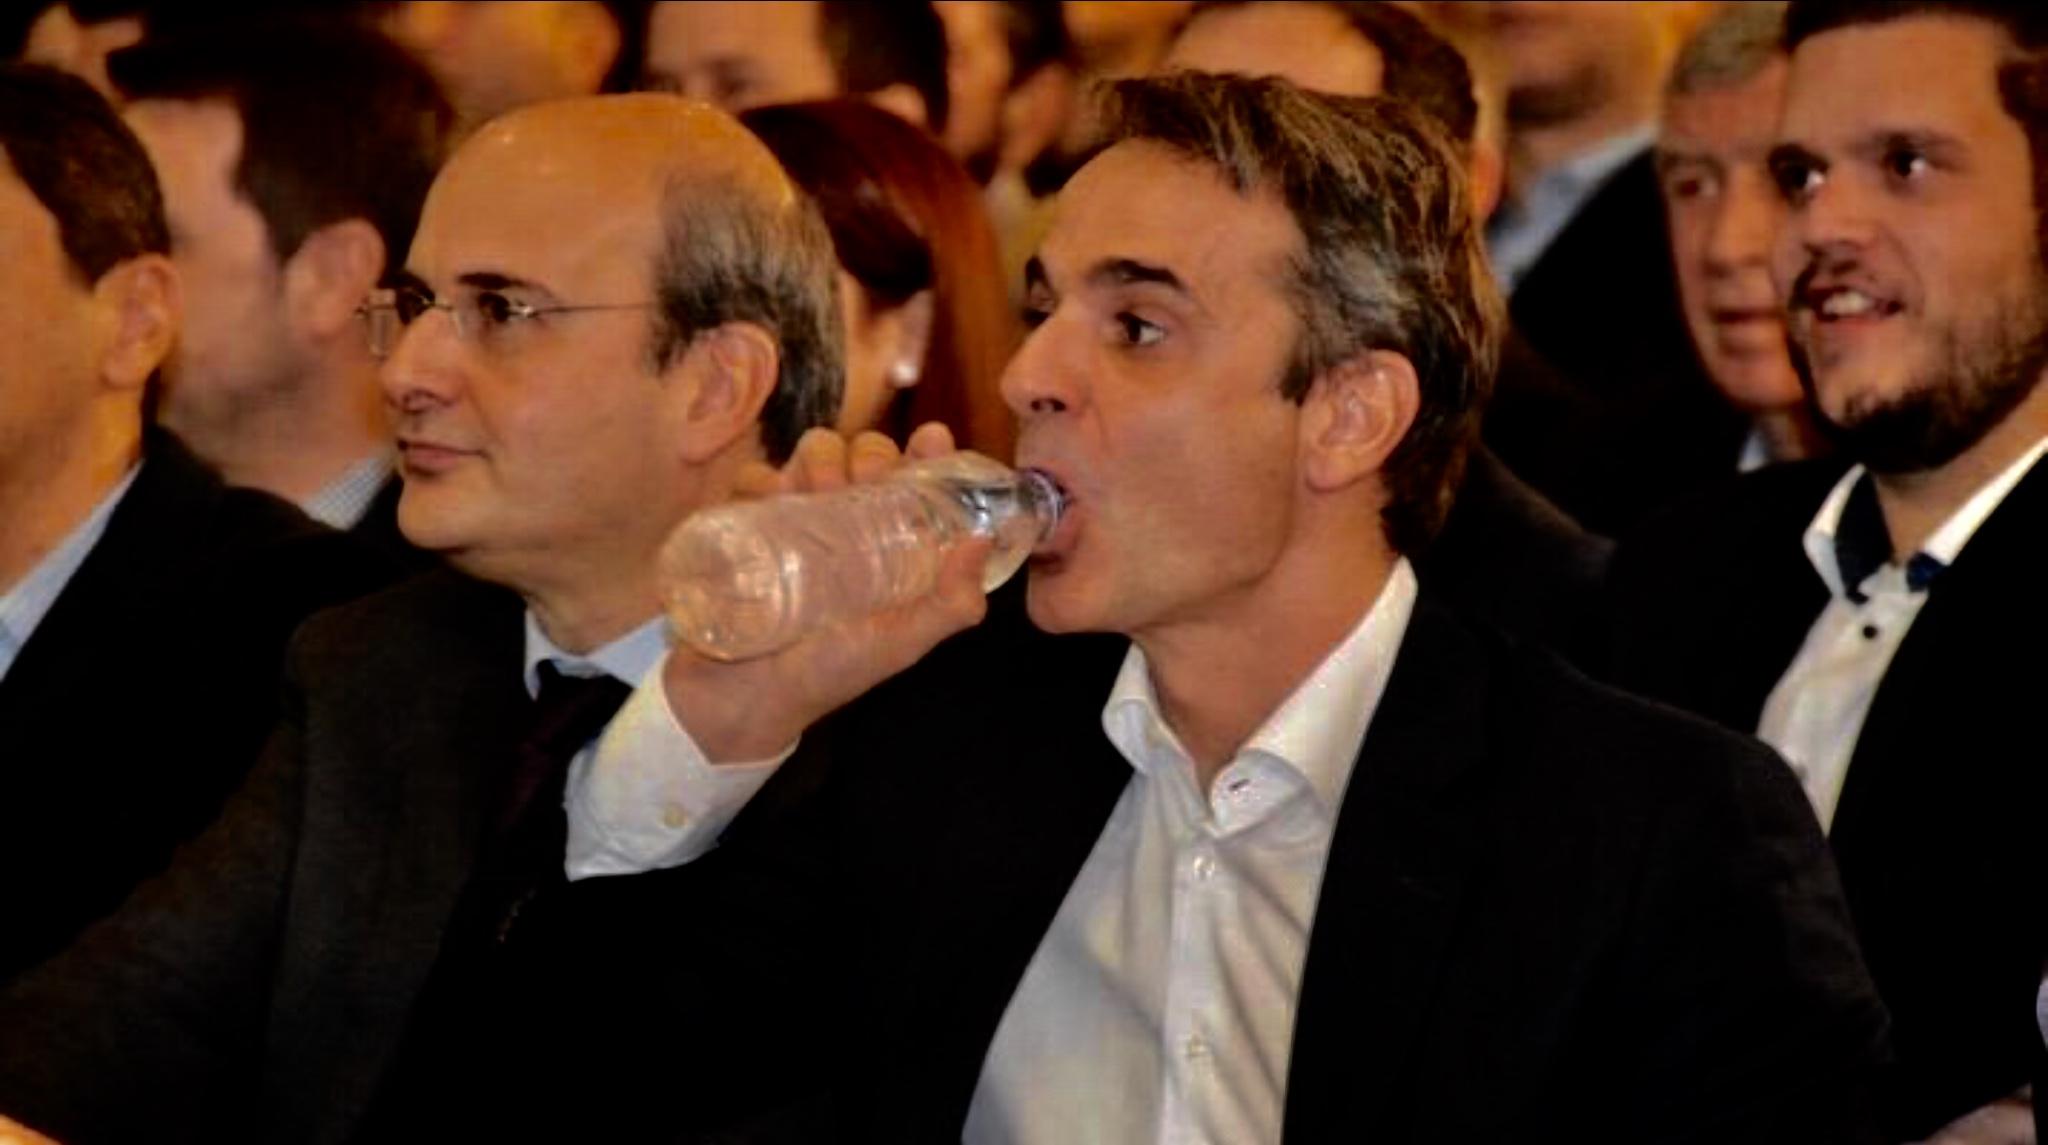 Ανεπανάληπτο φιάσκο: Εφαγε χυλόπιτα κι από τον Γιούνκερ ο Μητσοτάκης – Ακύρωσε τη συνάντηση